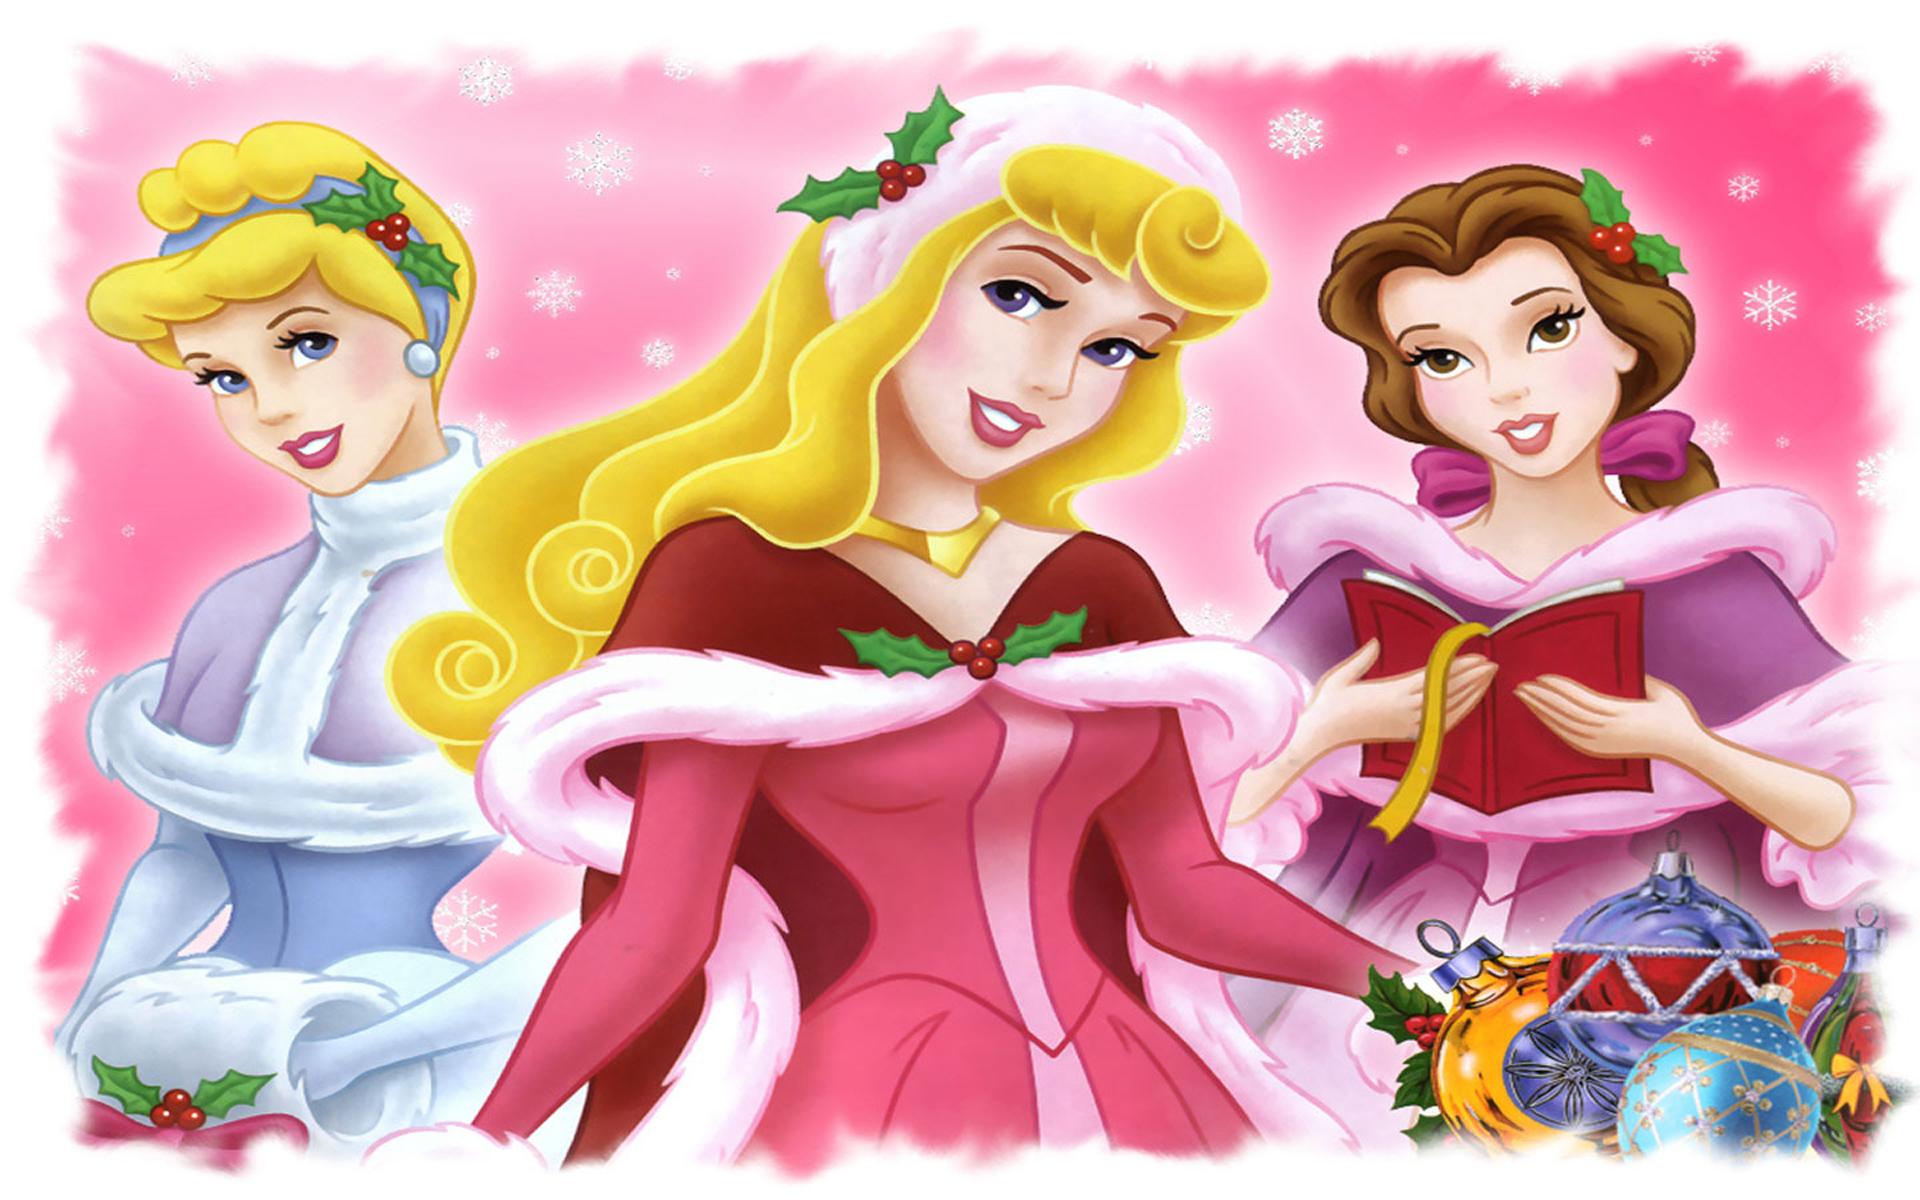 Princesas disney fondos disney princess wallpapers - Image princesse disney ...